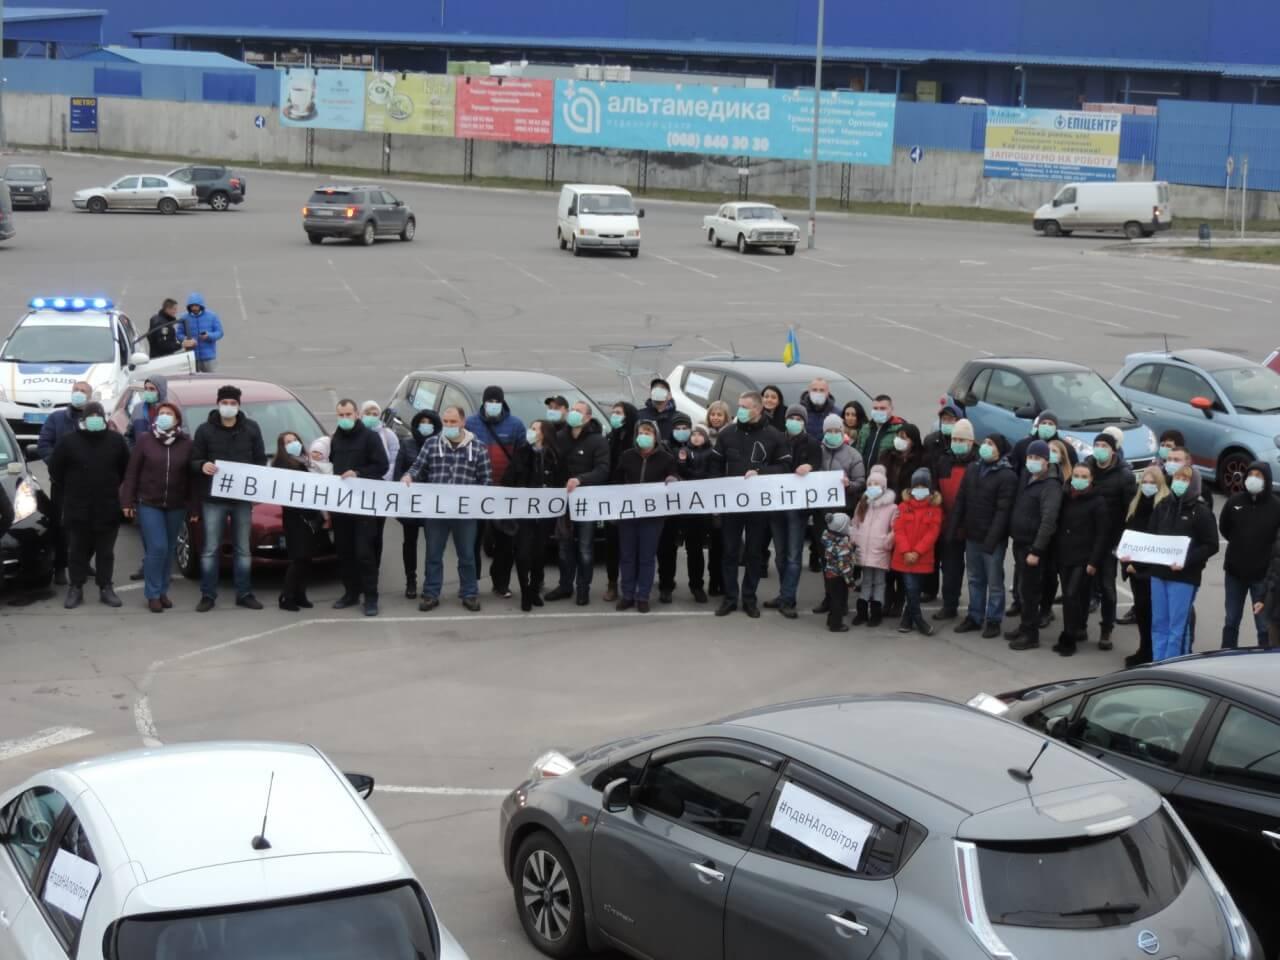 Сбор электромобилистов в Виннице